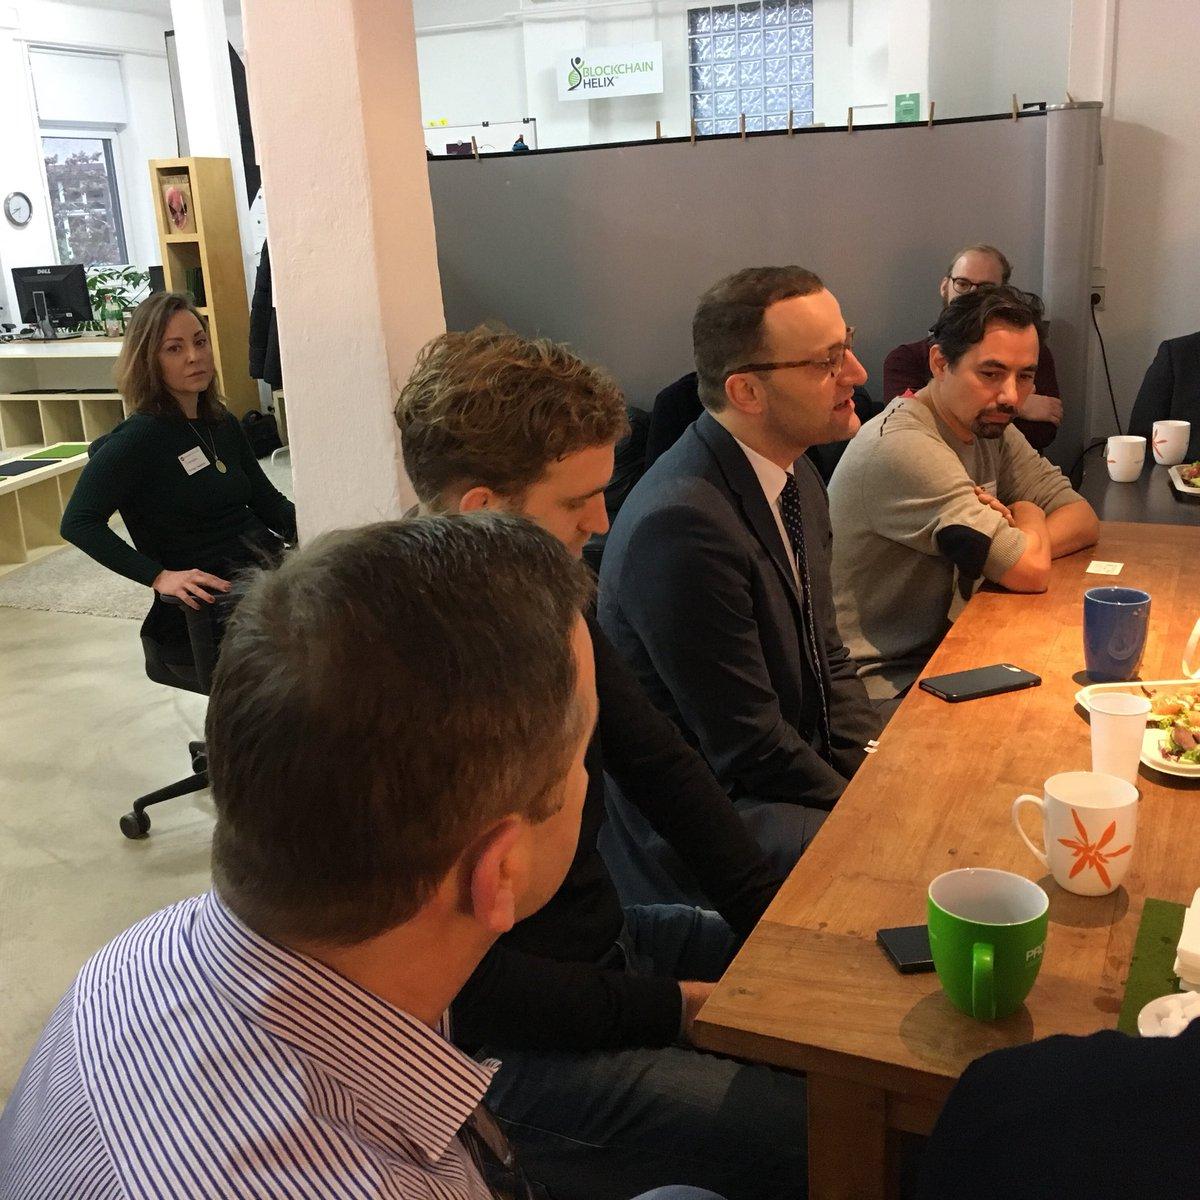 test Twitter Media - Geschwindigkeit zählt, sagt @jensspahn beim #fintechFrühstück von @schwarzwildinfo im @FinTech_HQ zur Entwicklung der digitalen Identität. https://t.co/ZsNPjo8ETB